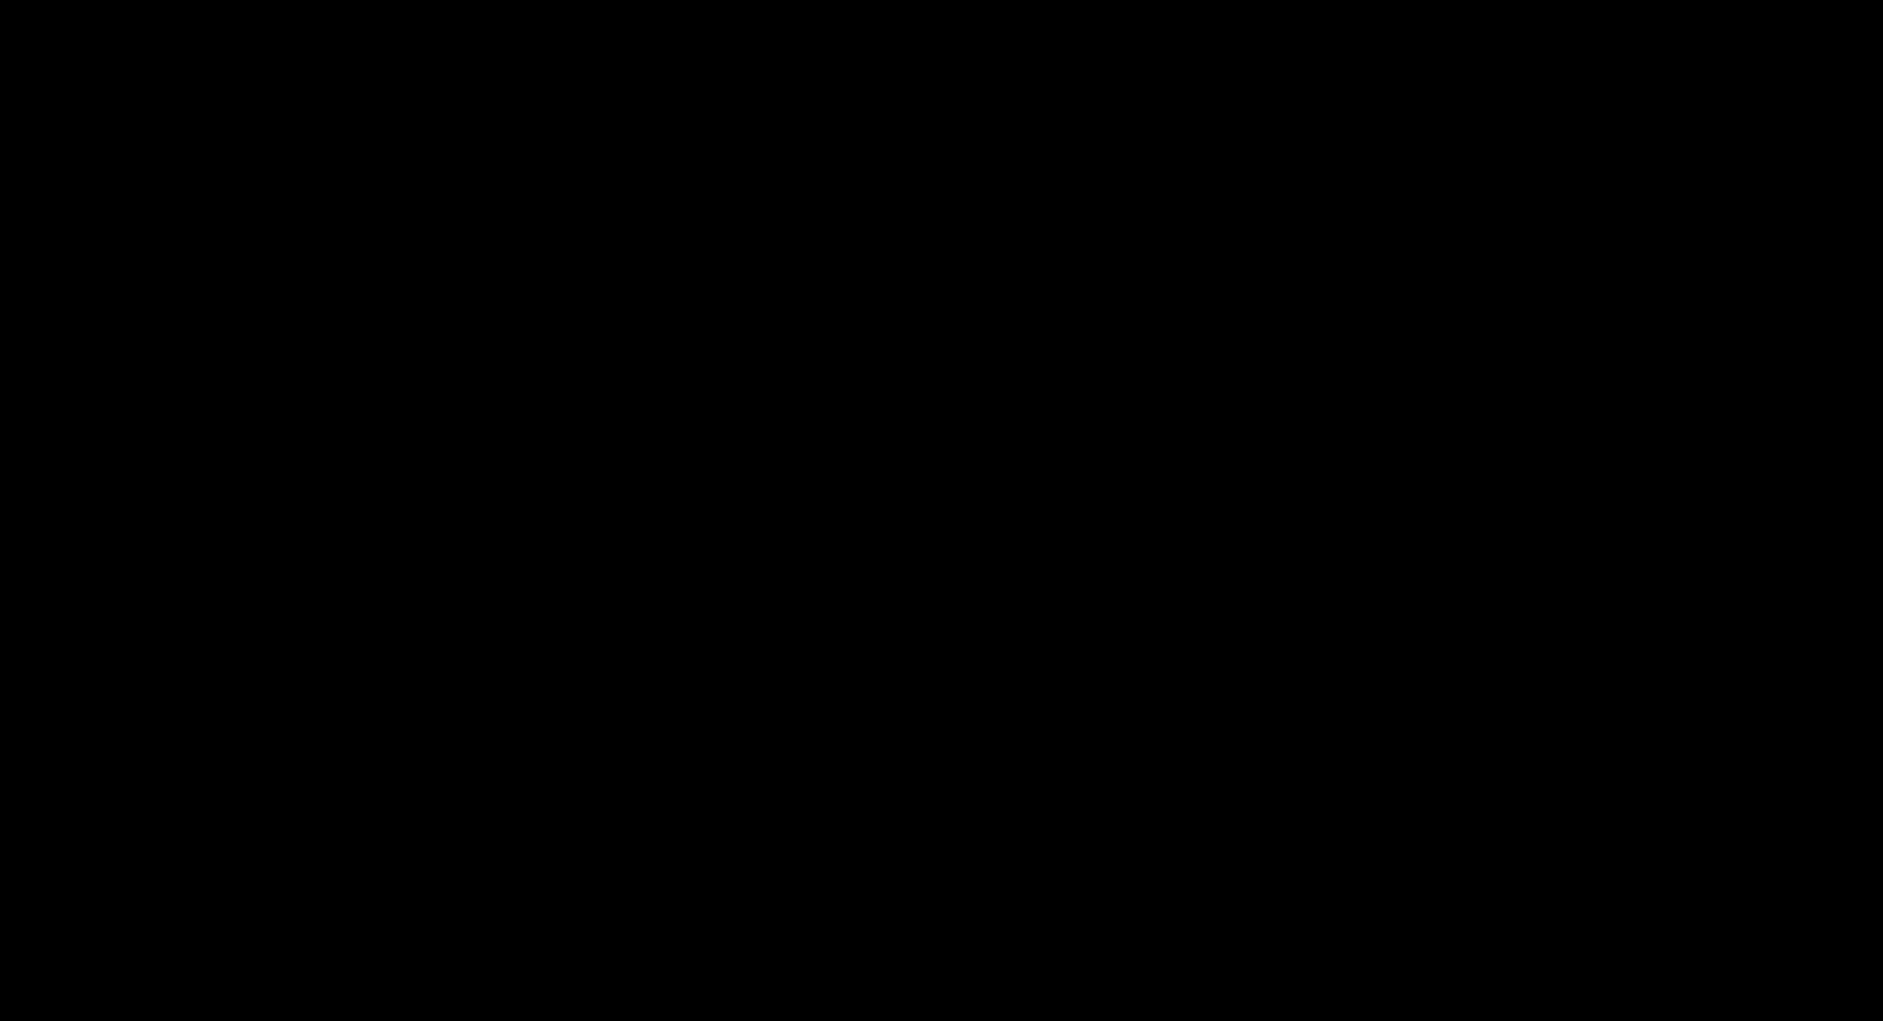 panel-2.-1-2